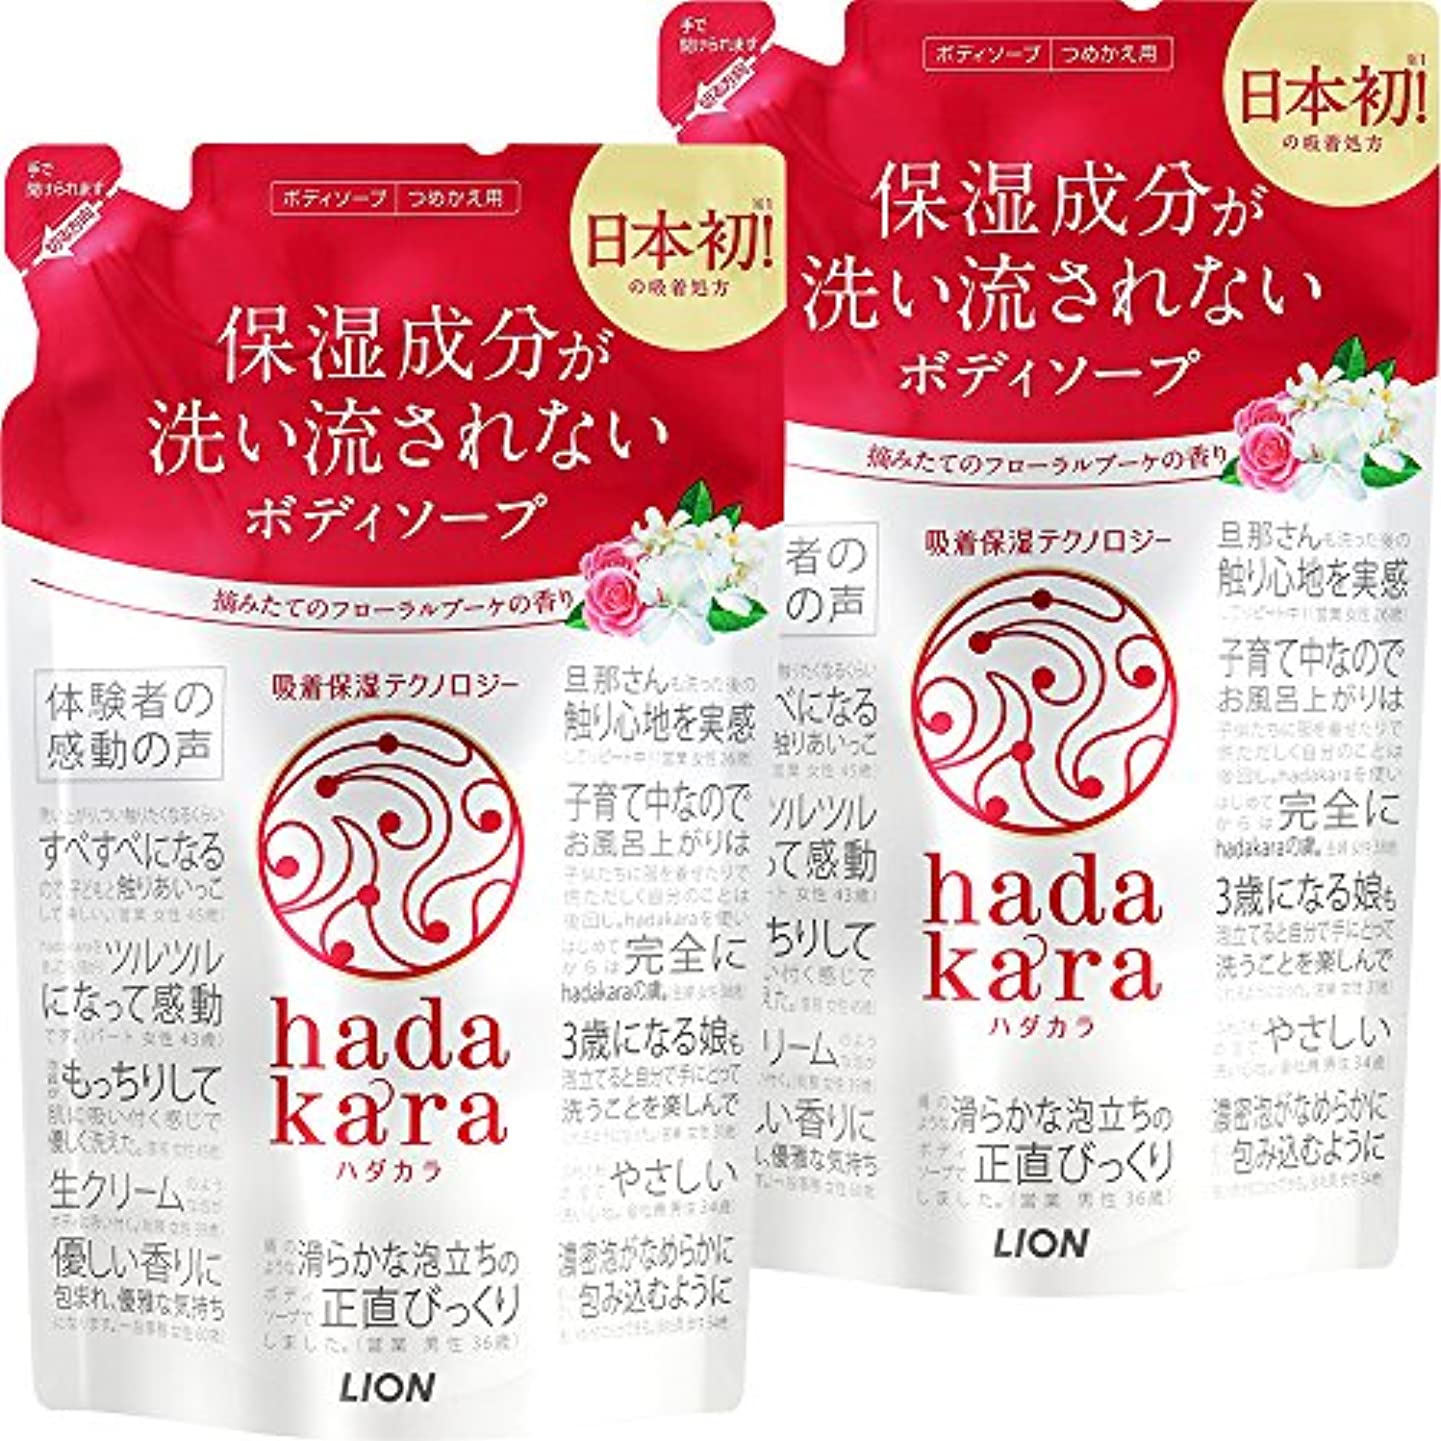 懐郵便屋さん【まとめ買い】hadakara(ハダカラ) ボディソープ フローラルブーケの香り 詰め替え 360ml×2個パック